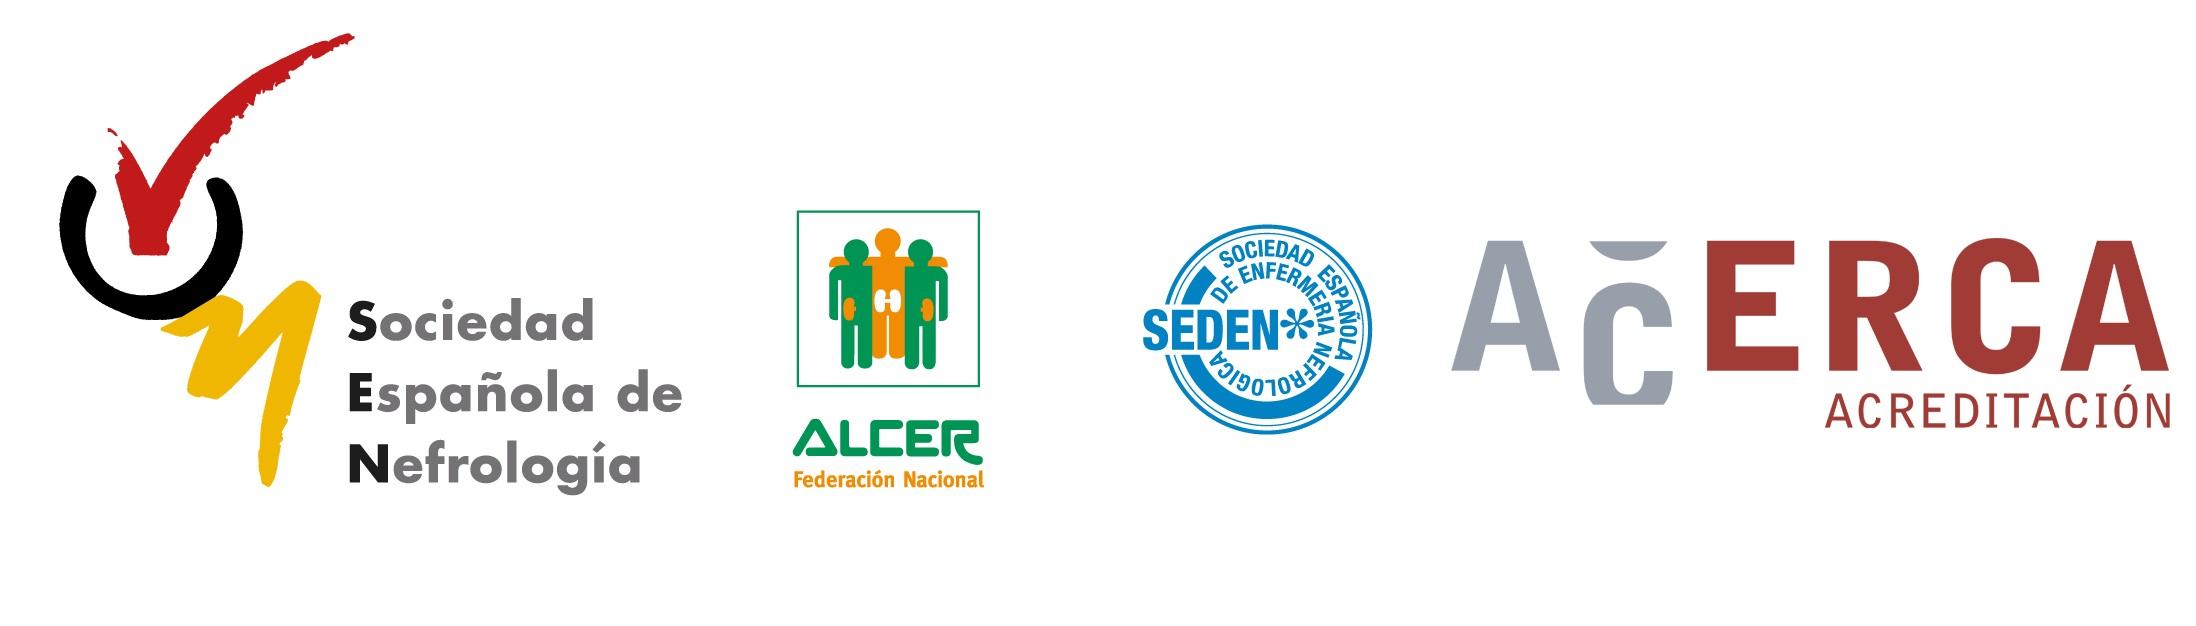 El Hospital Universitario de Puerto Real pilota, junto a otros 6 hospitales españoles, un modelo de excelencia para mejorar la atención al paciente con Enfermedad Renal Crónica Avanzada